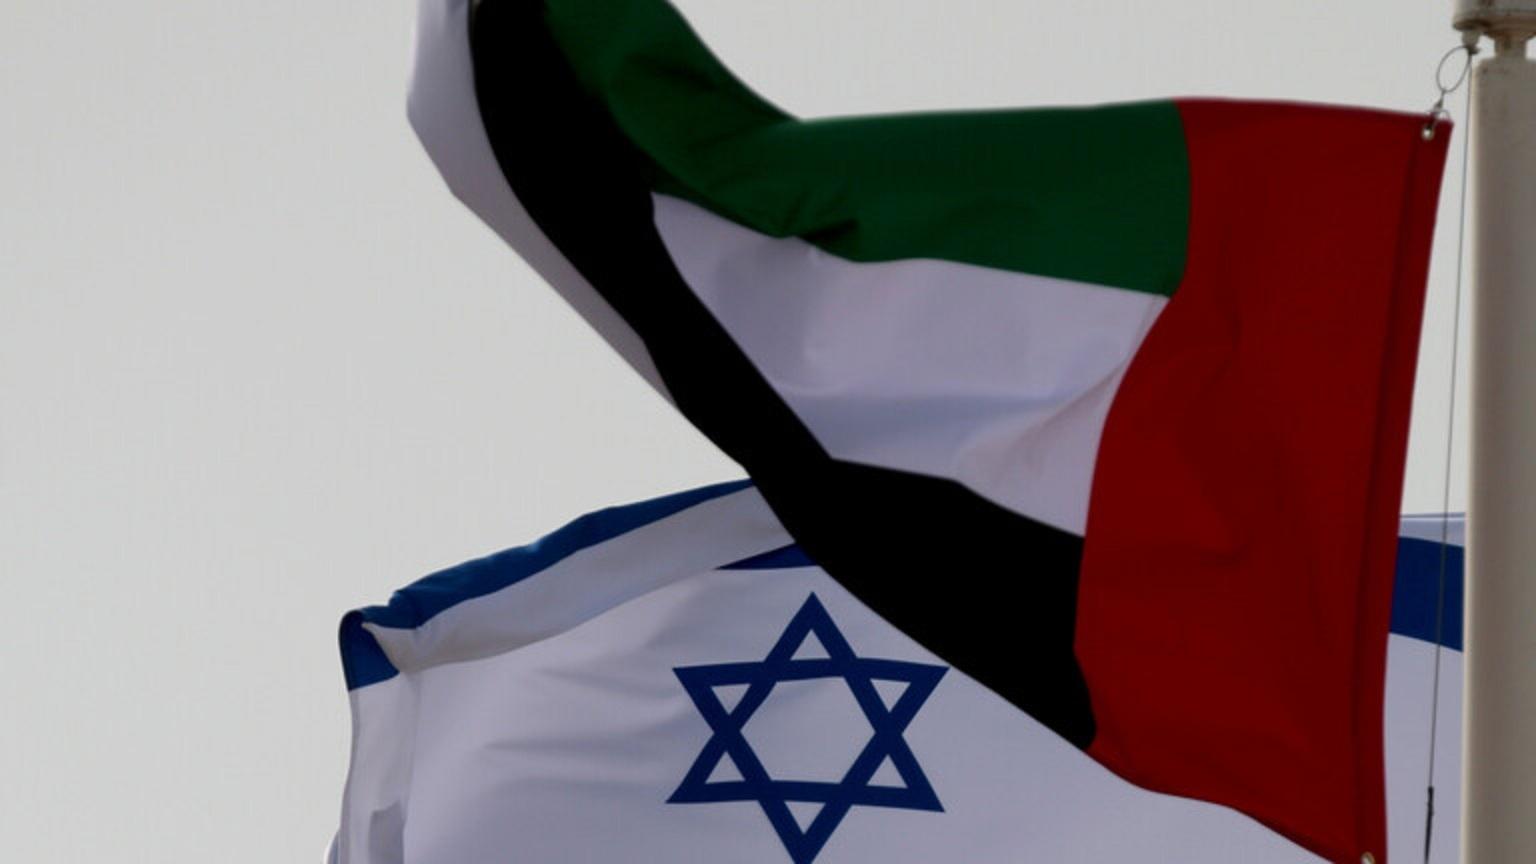 وزير خارجية الإمارات يناقش مع نظيره الإسرائيلي في اتصال هاتفي